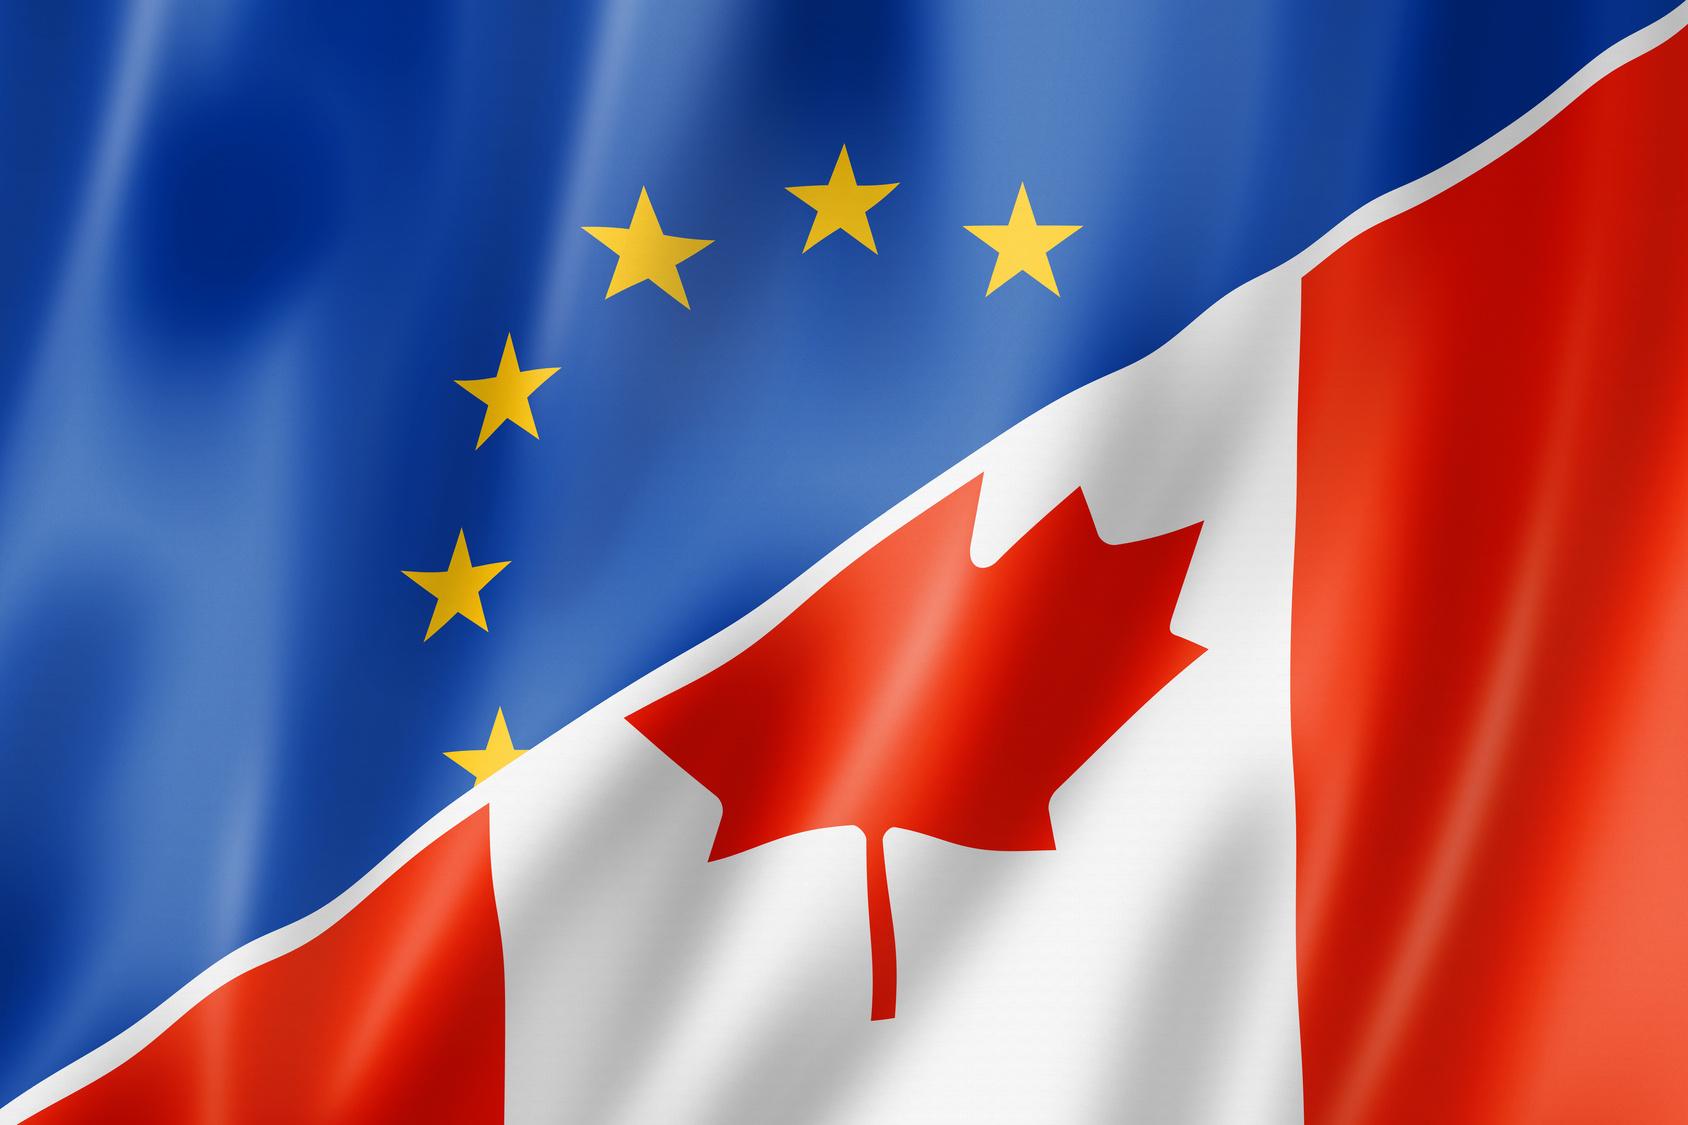 Vize Canada